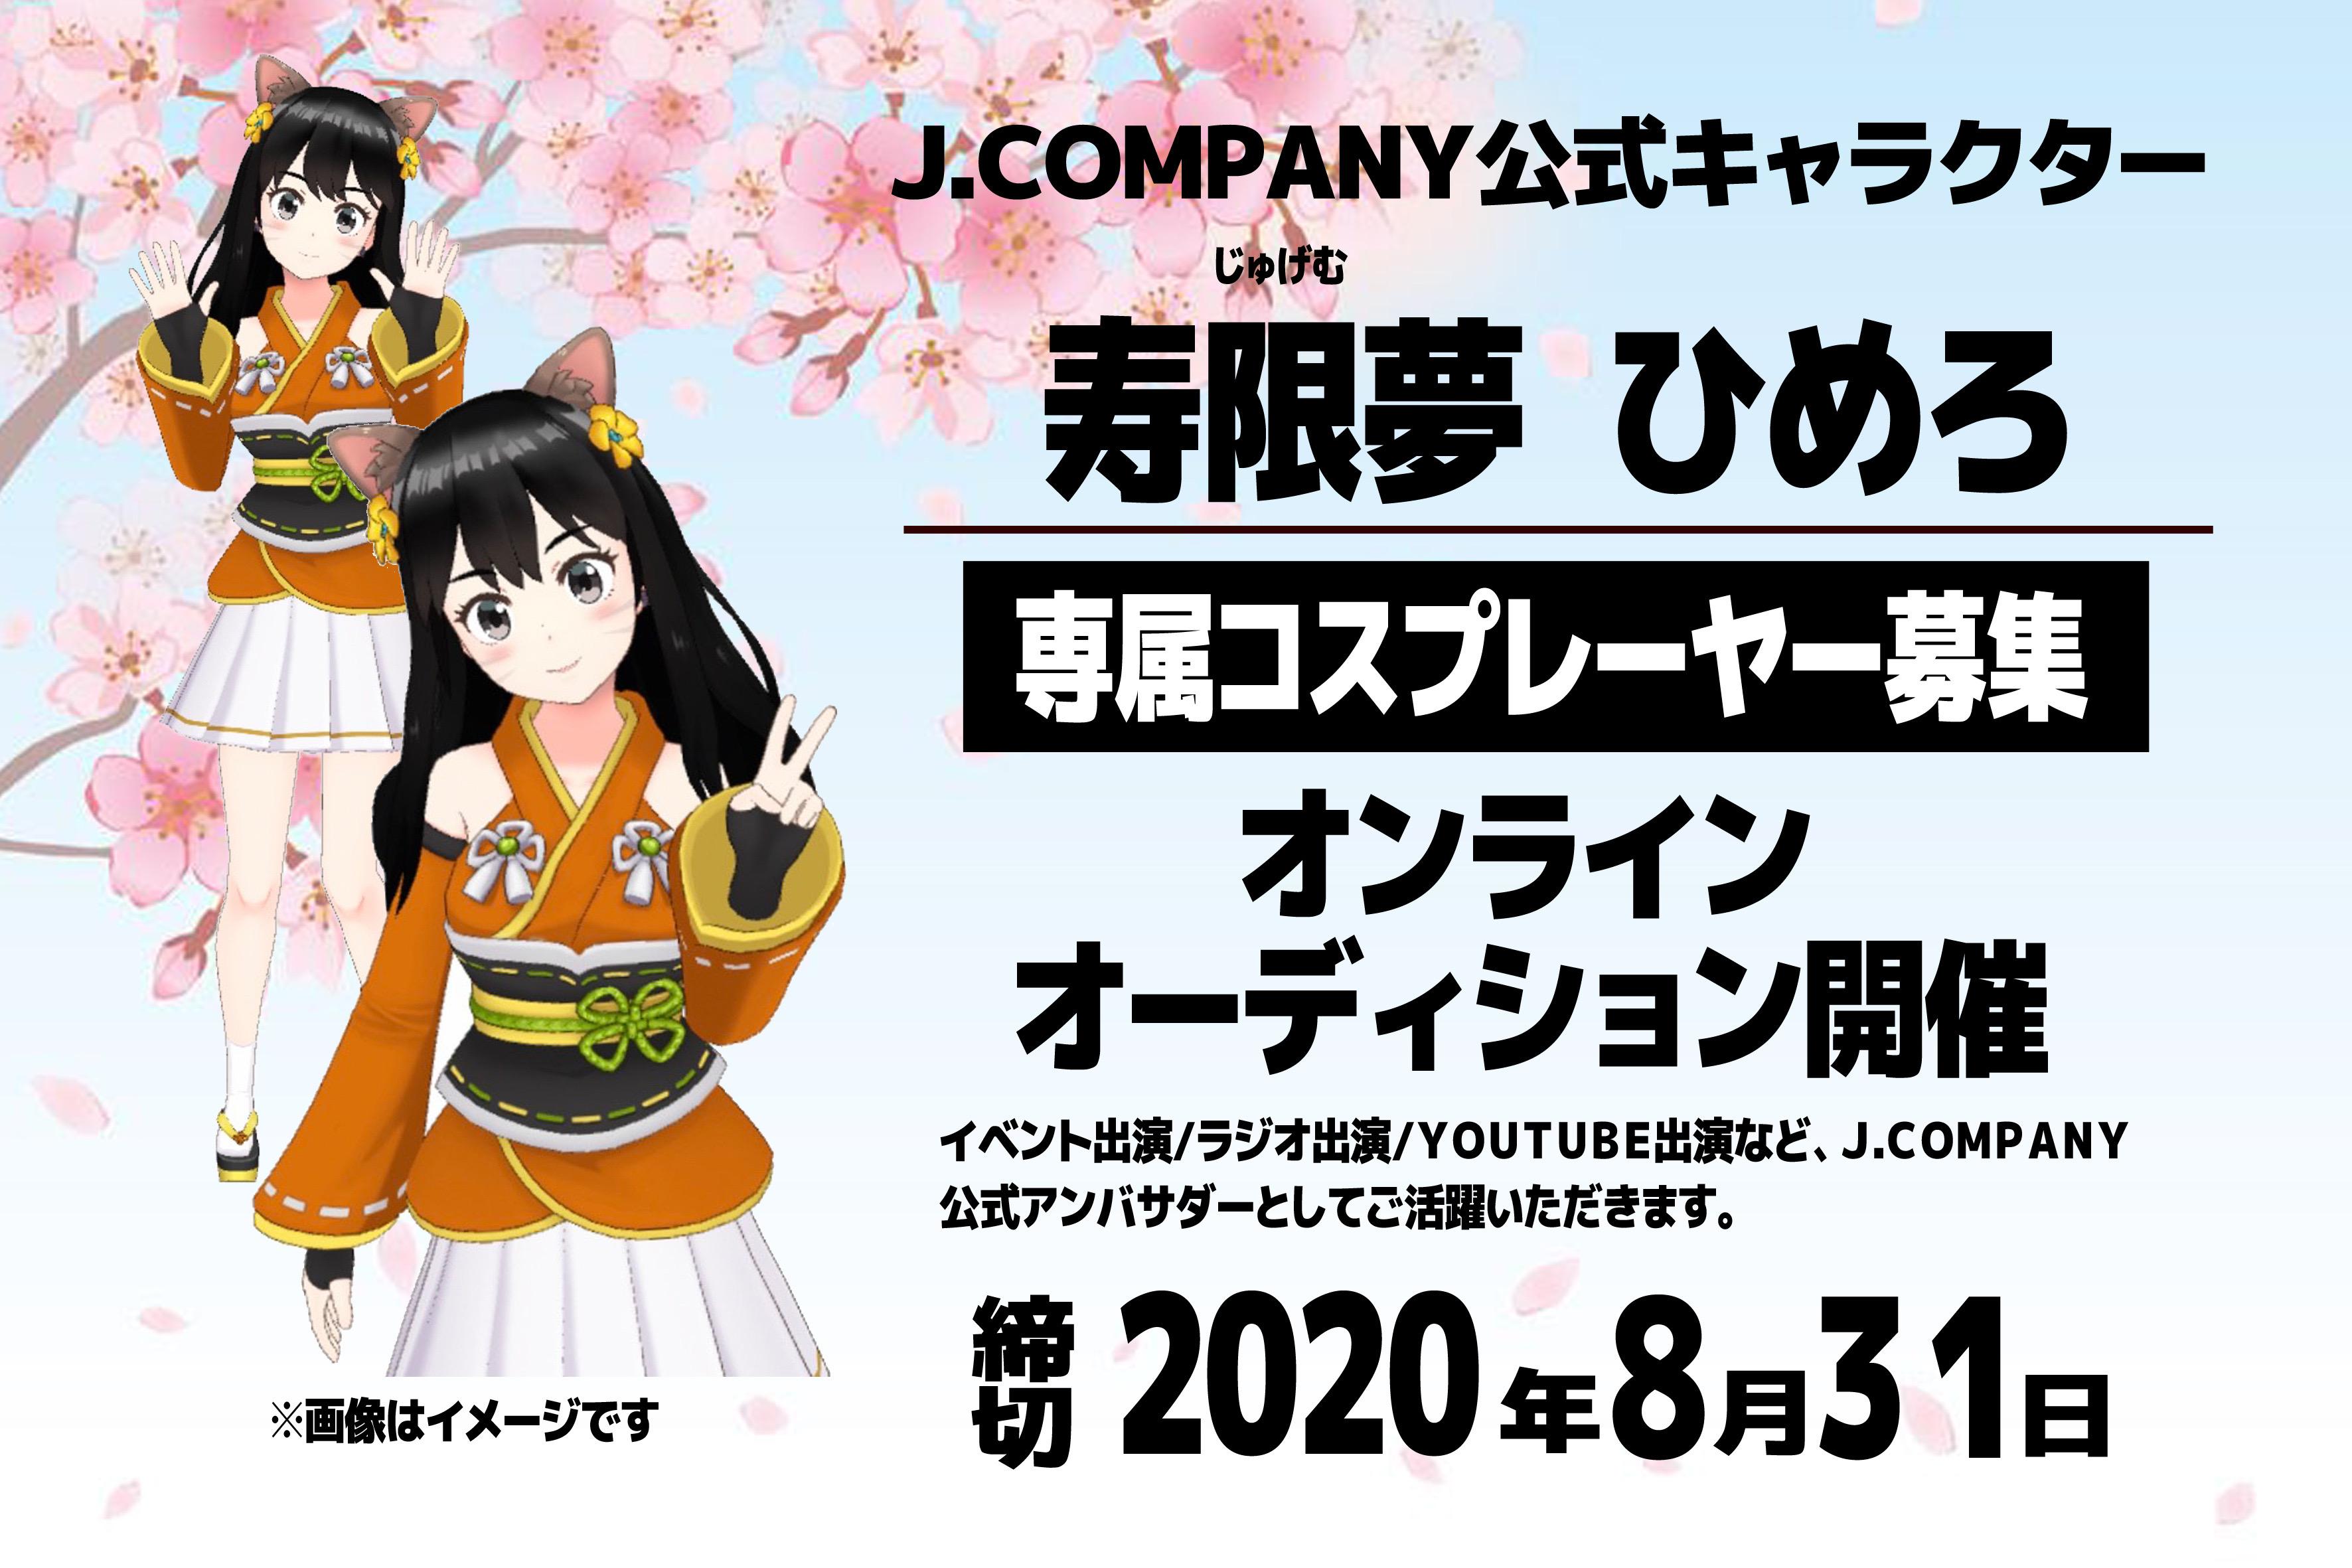 オーディション [姫路]J.company公式専属コスプレイヤー募集 主催:JUGEM COMPANY、カテゴリ:タレント